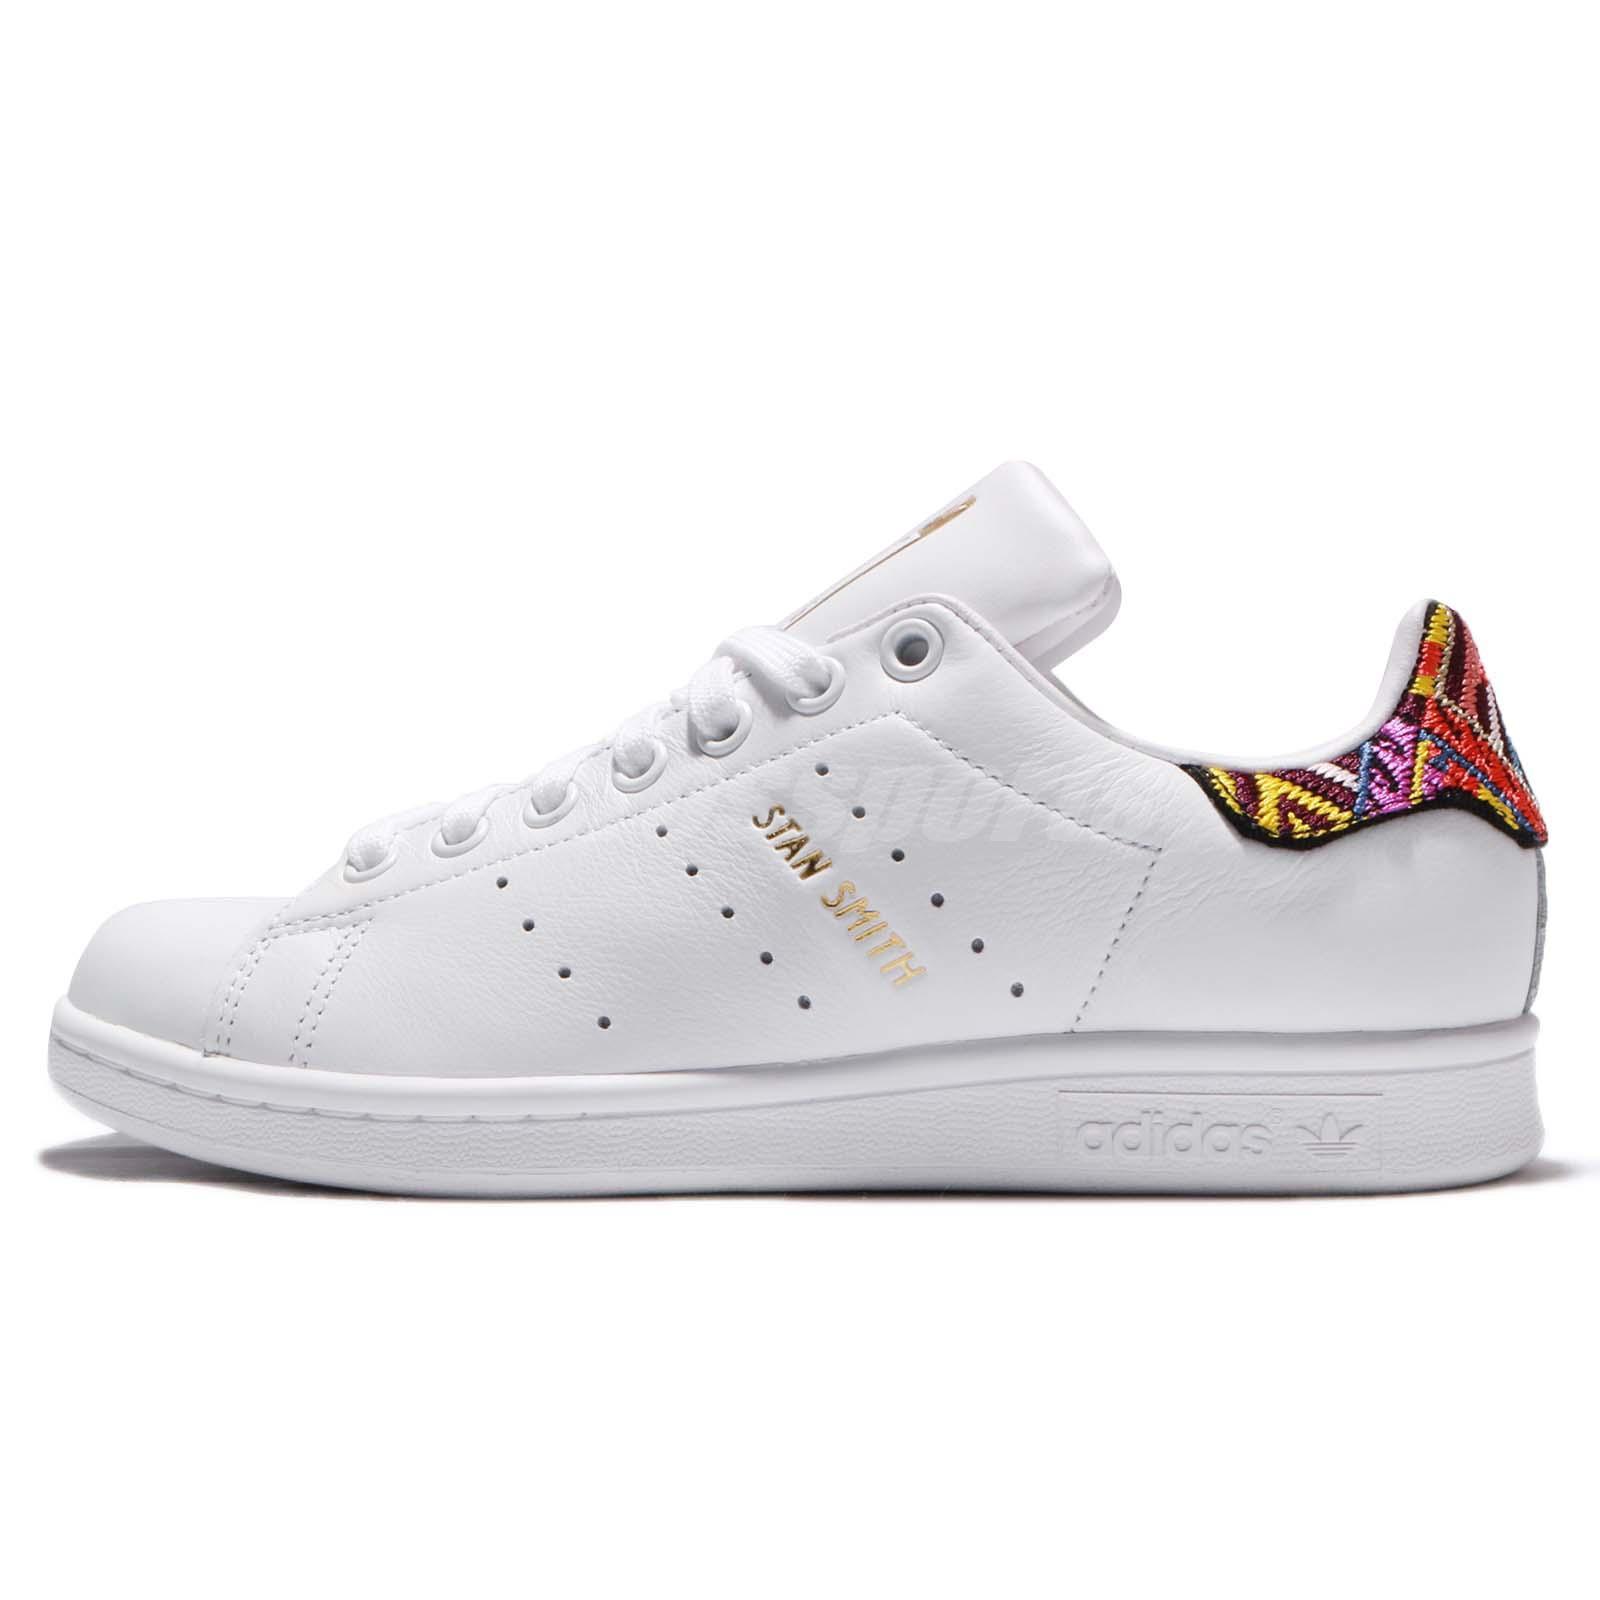 adidas Originals Stan Smith W The FARM Company White Multi-Color Women CQ2814